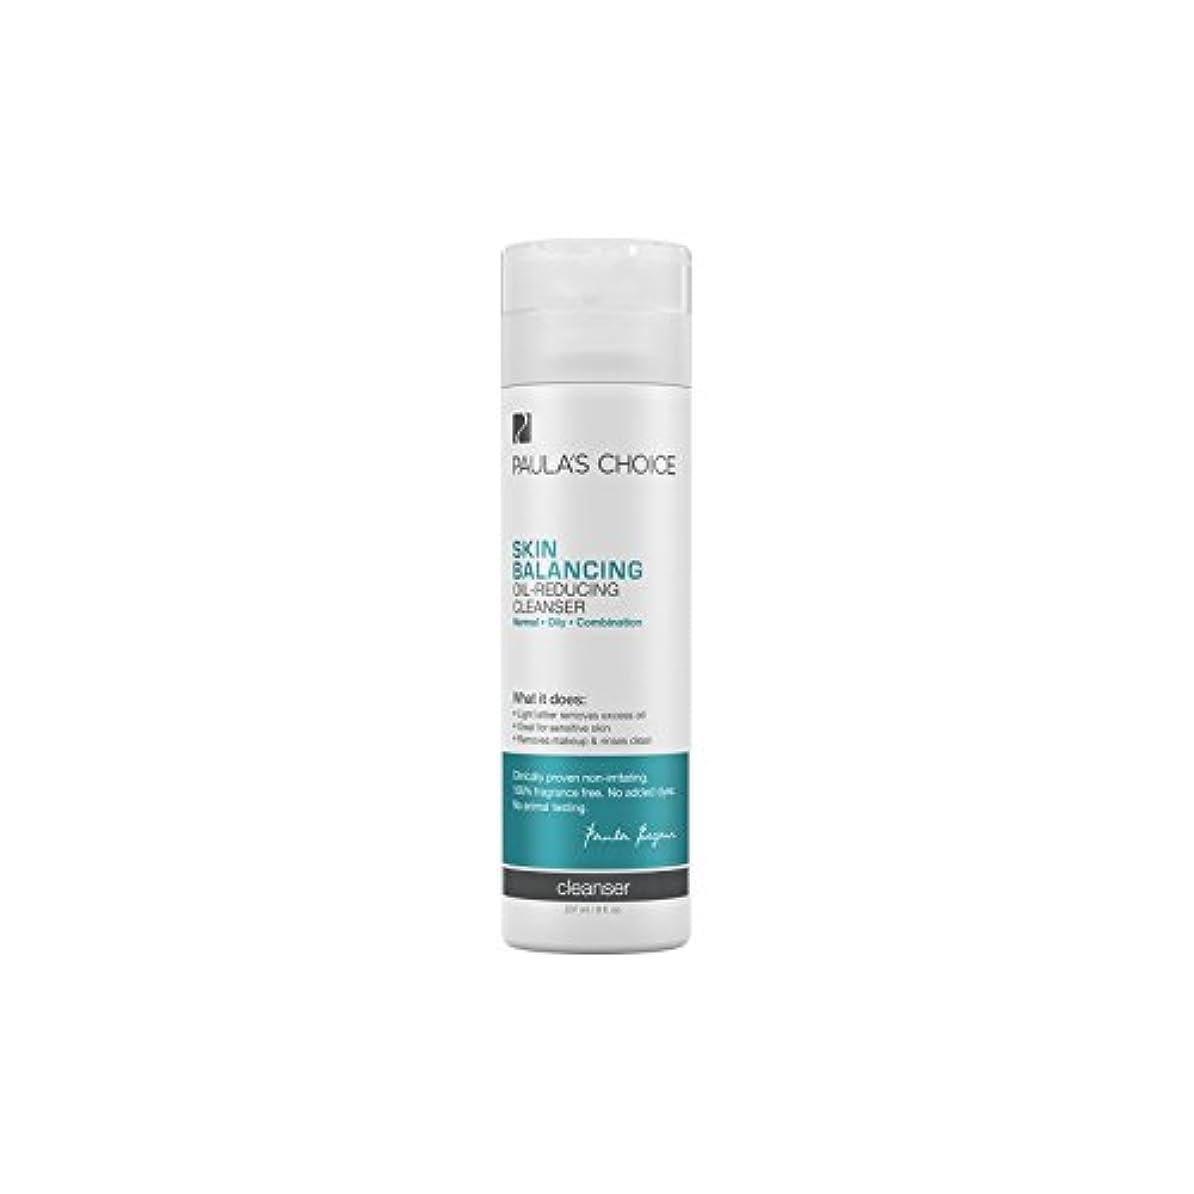 減衰ベリー修士号Paula's Choice Skin Balancing Oil-Reducing Cleanser (237ml) - ポーラチョイスの肌のバランスオイル低減クレンザー(237ミリリットル) [並行輸入品]